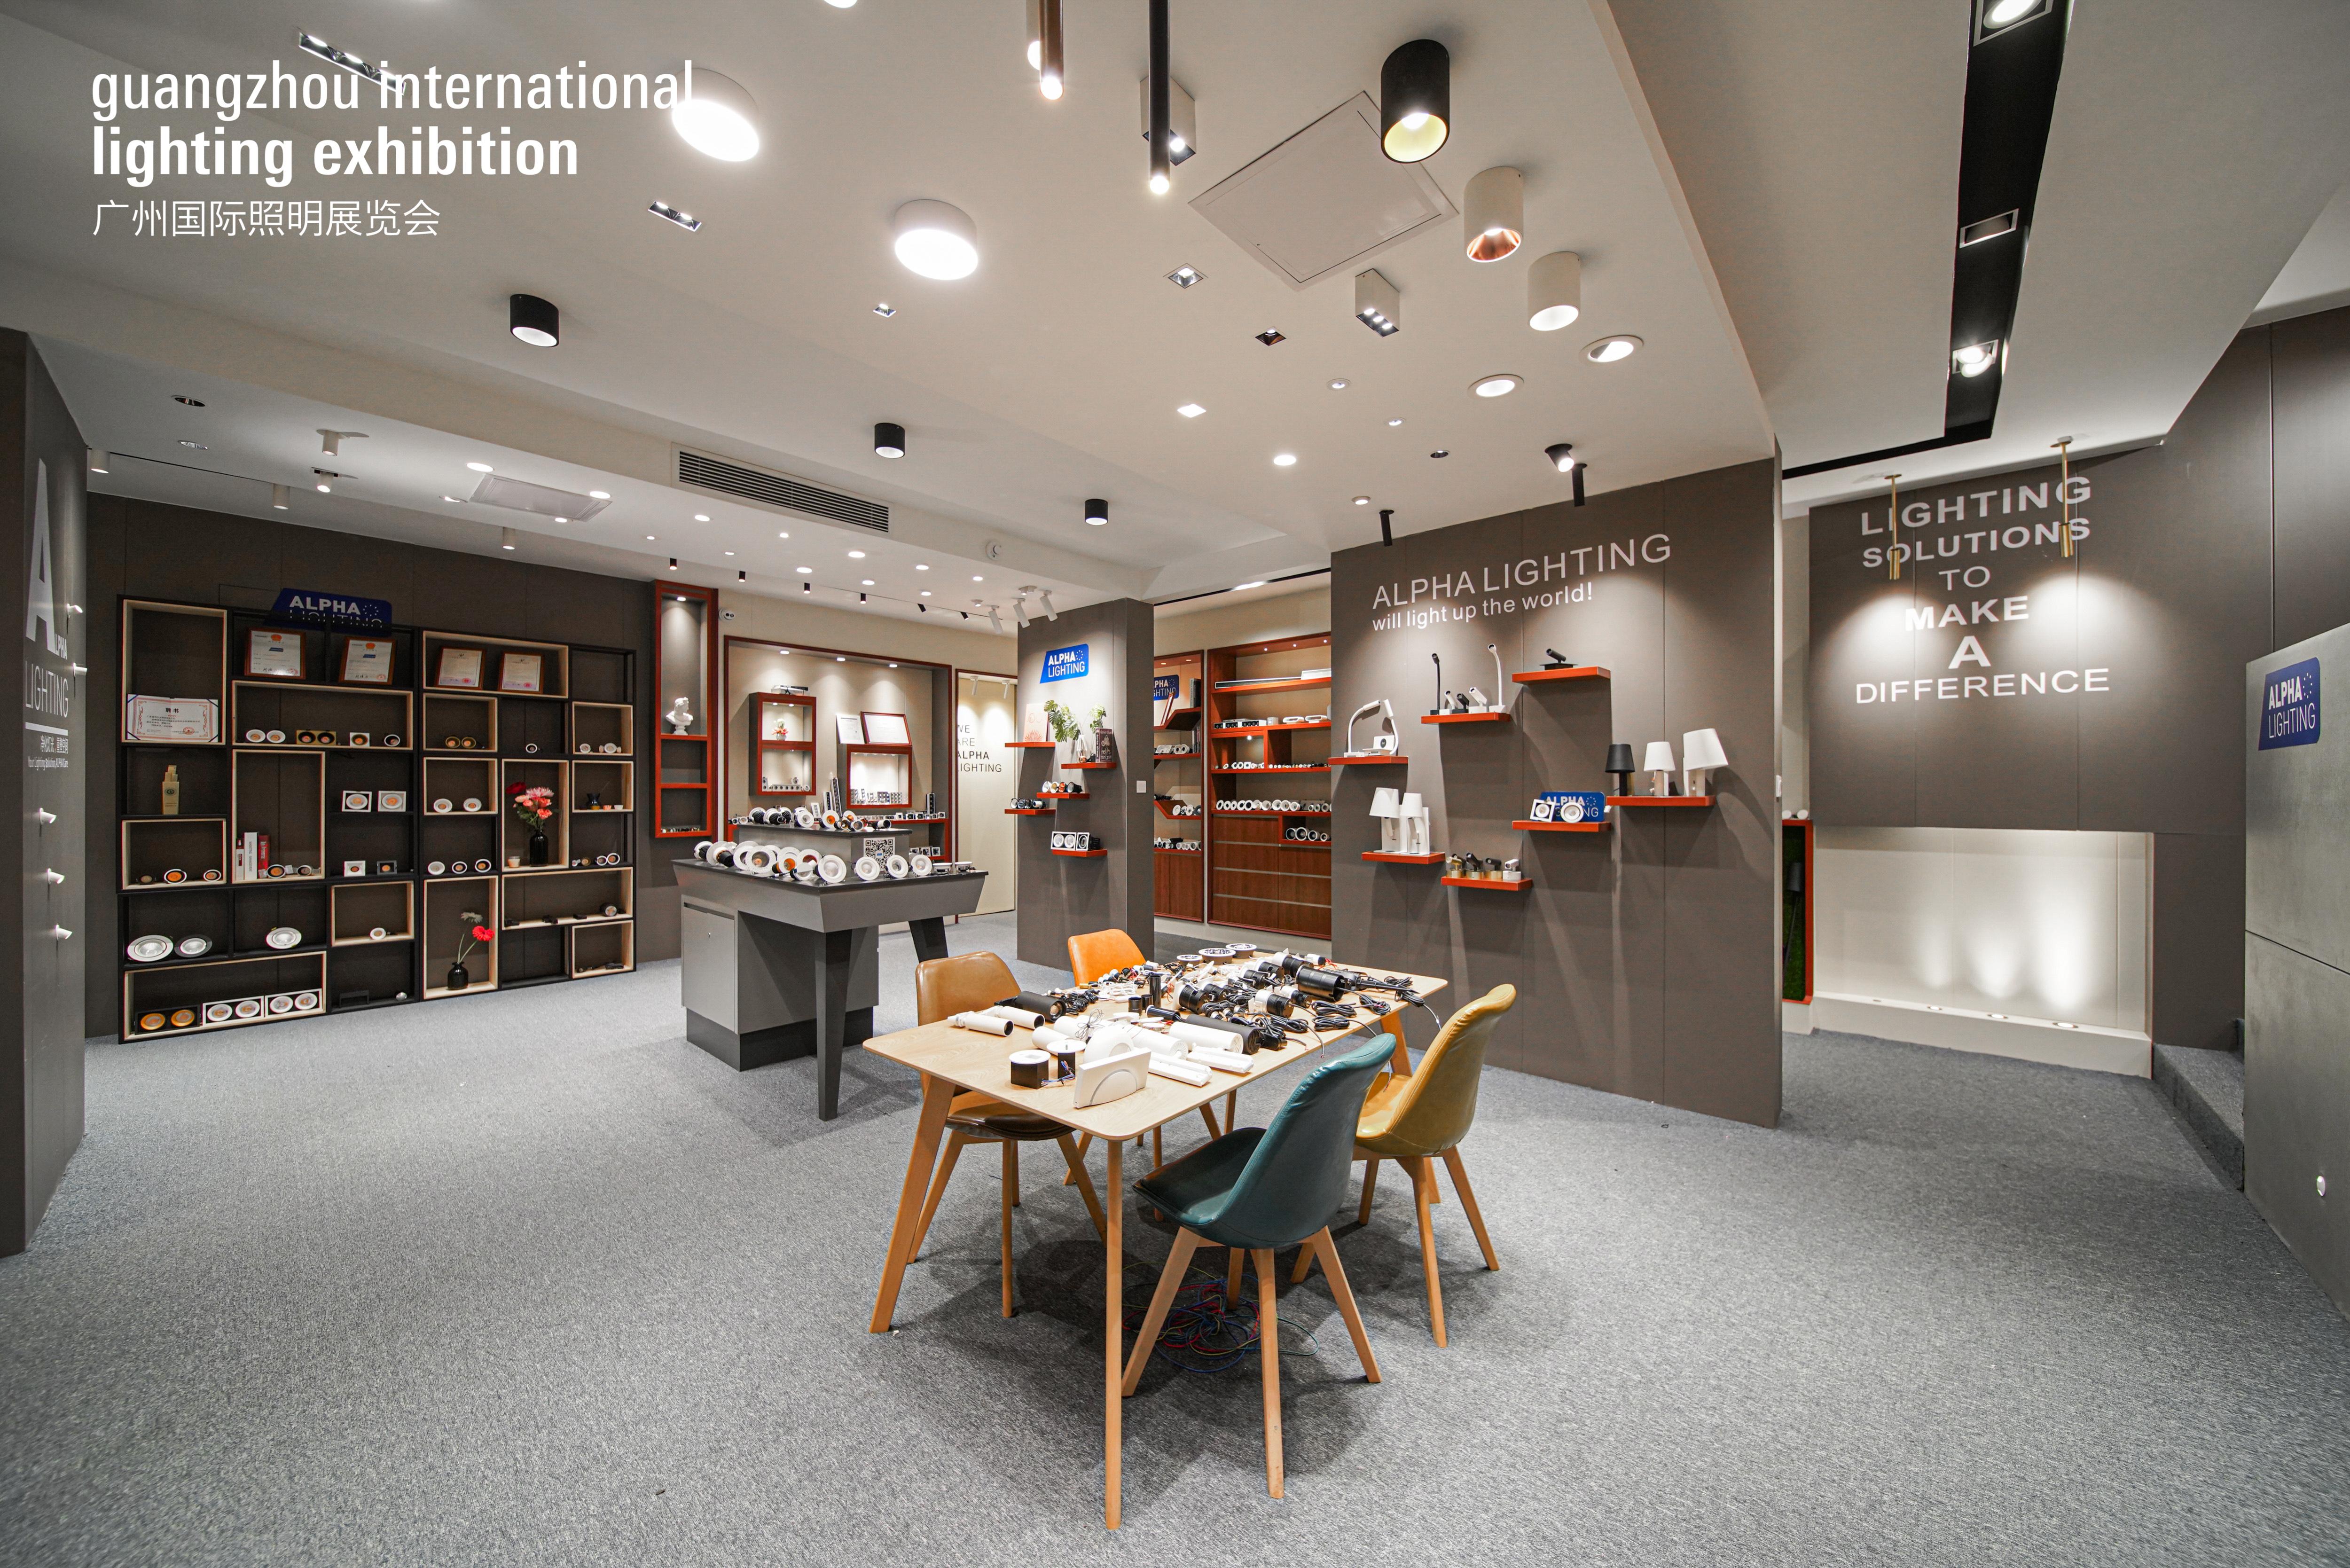 首席对话   阿尔法照明:用好设计、好品质为中国商业照明代言 - 2021广州国际照明展览会(光亚展)